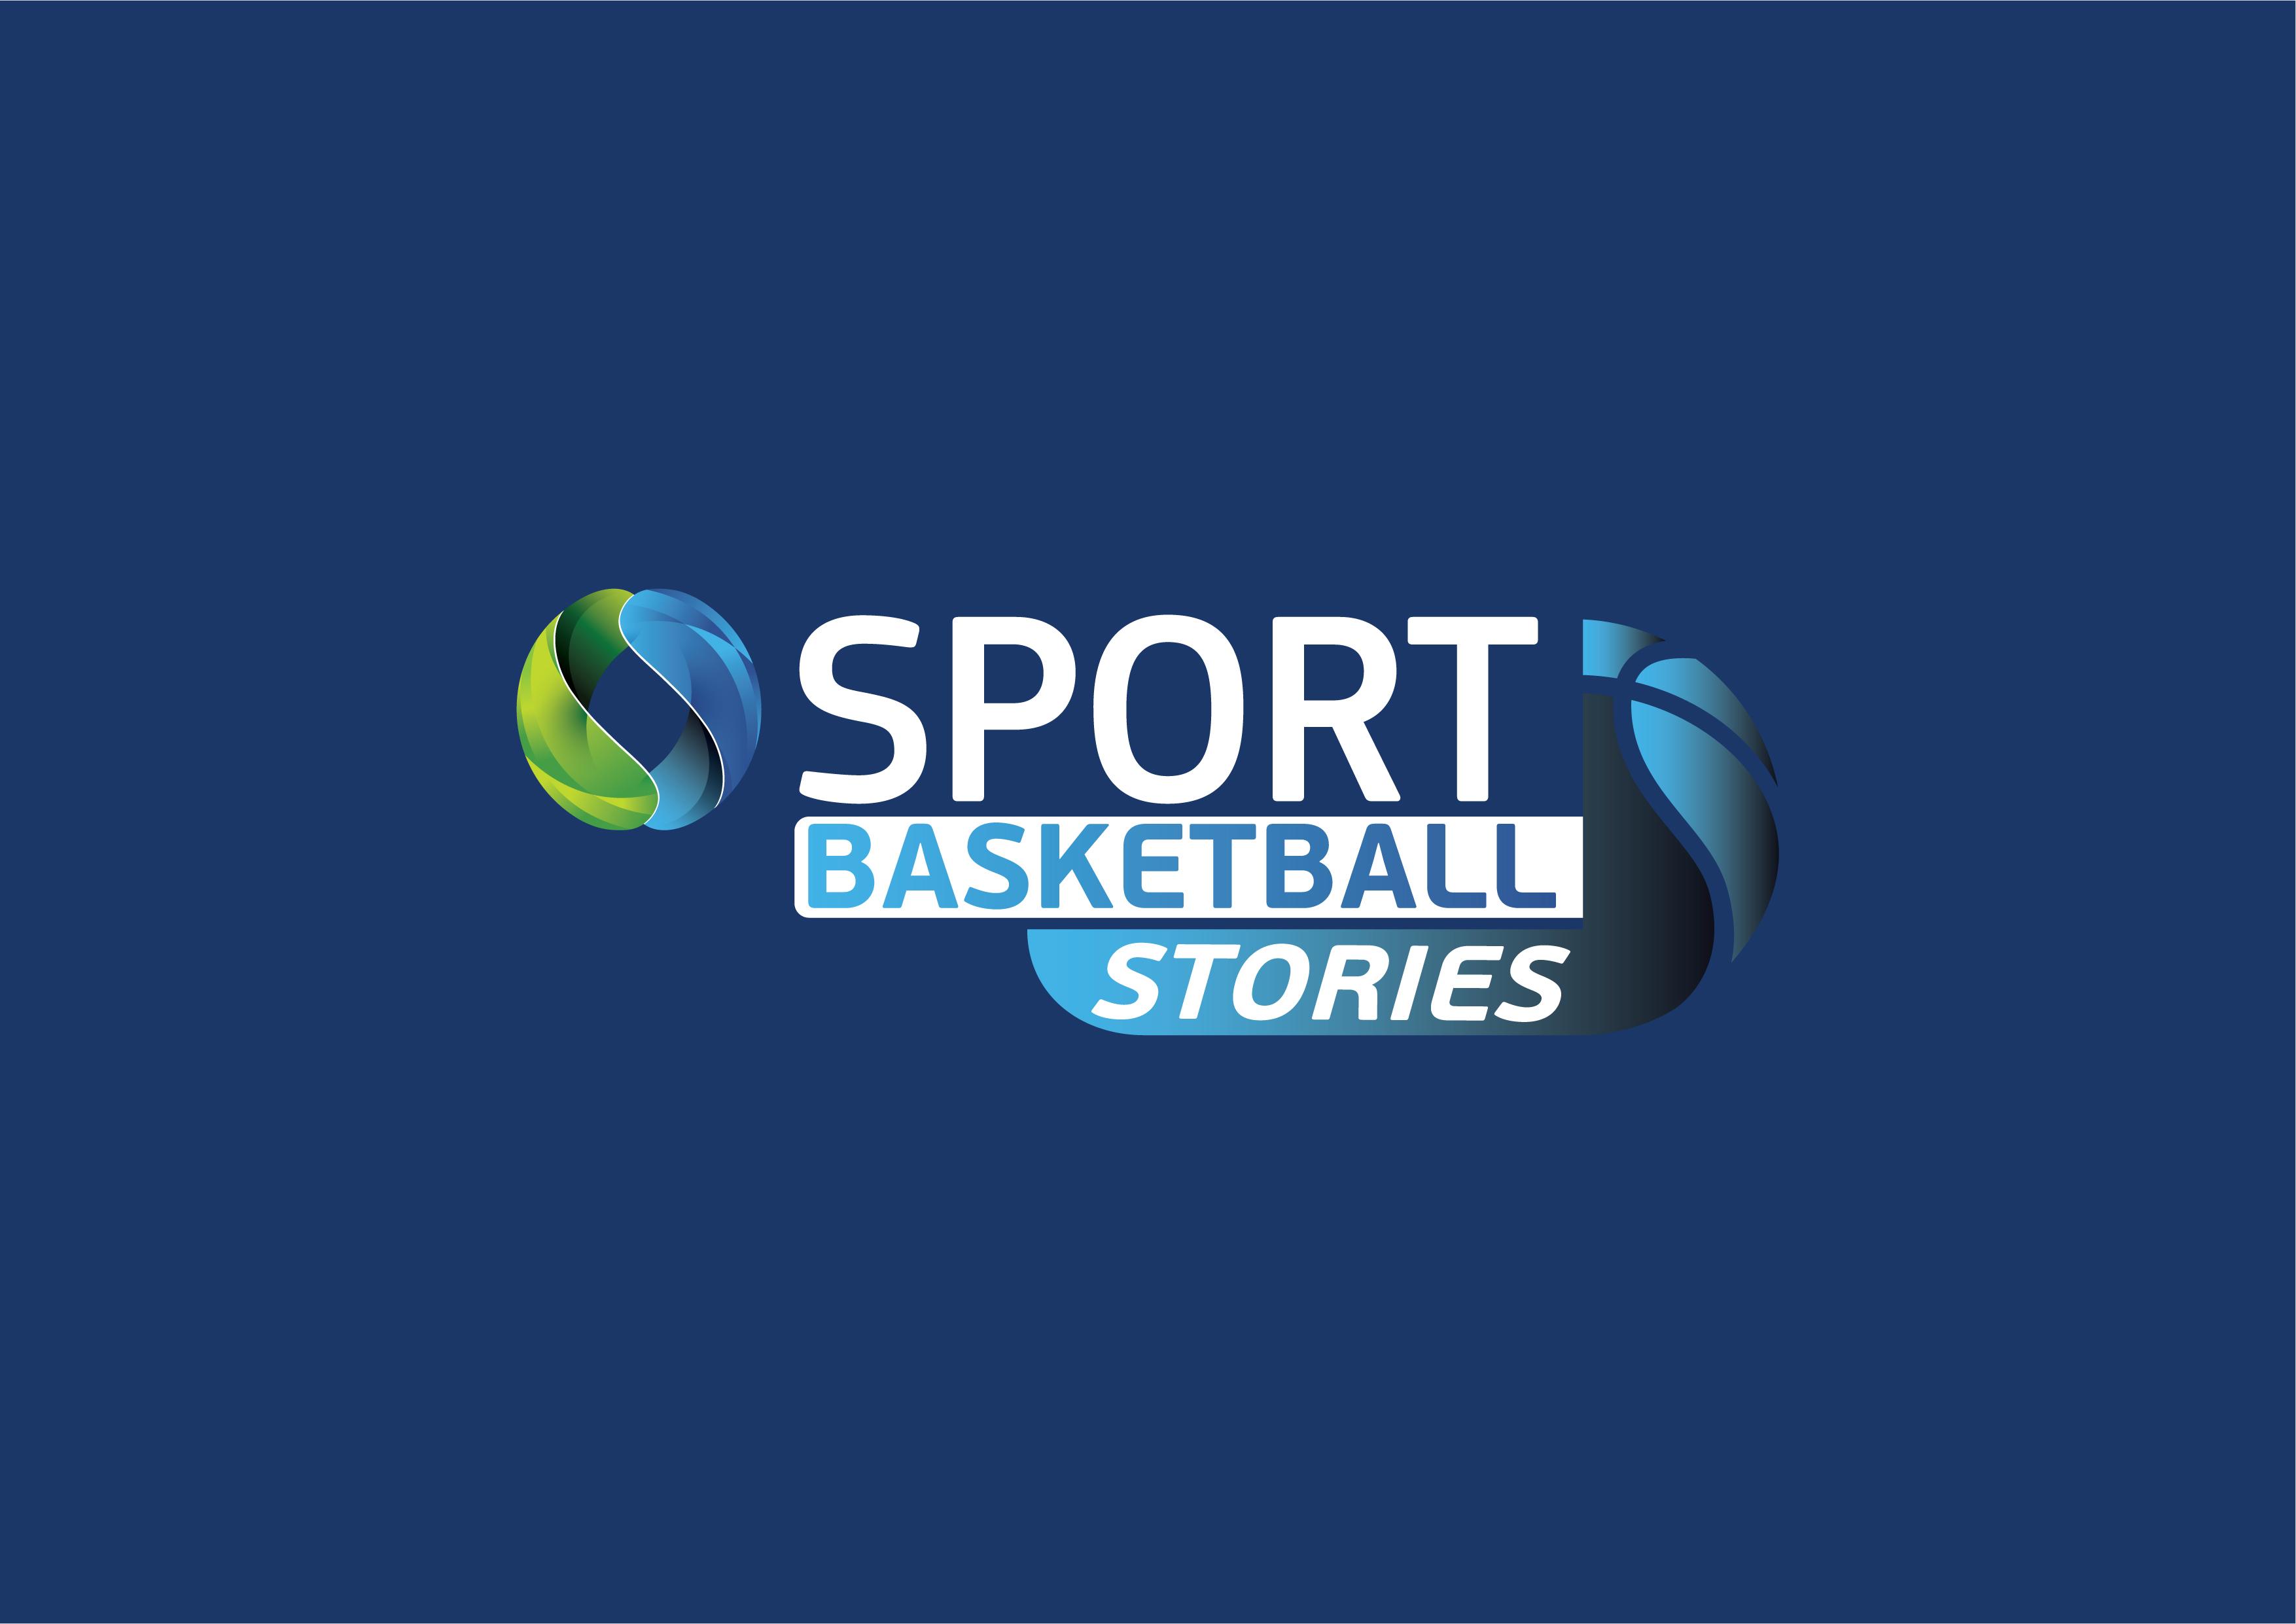 COSMOTE SPORT BASKETBALL STORIES: το νέο pop up κανάλι της COSMOTE TV αφιερωμένο στο ΝΒΑ